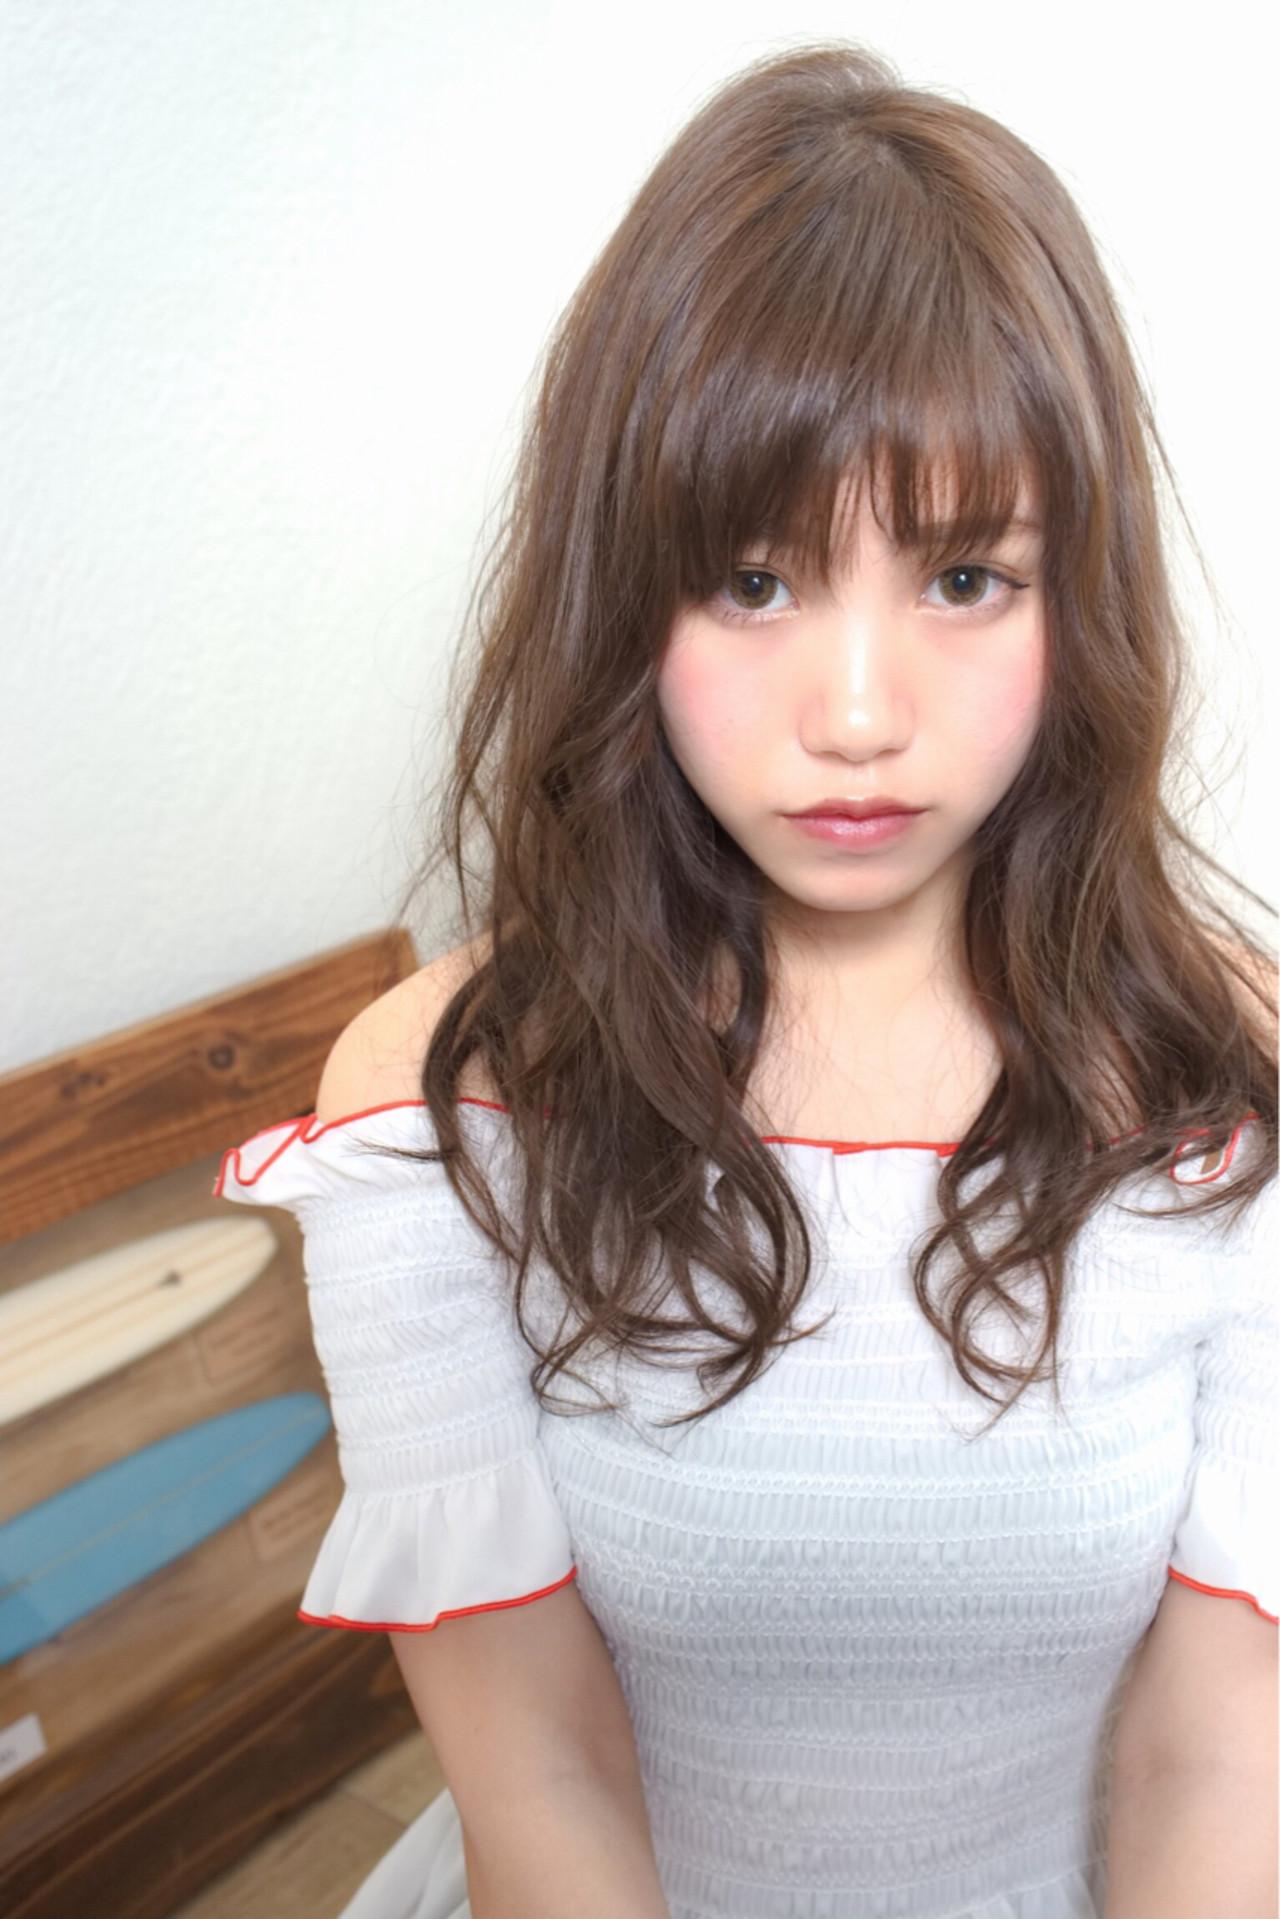 ゆるふわ 外国人風 ロング フェミニン ヘアスタイルや髪型の写真・画像 | ♡きちゃき♡ /